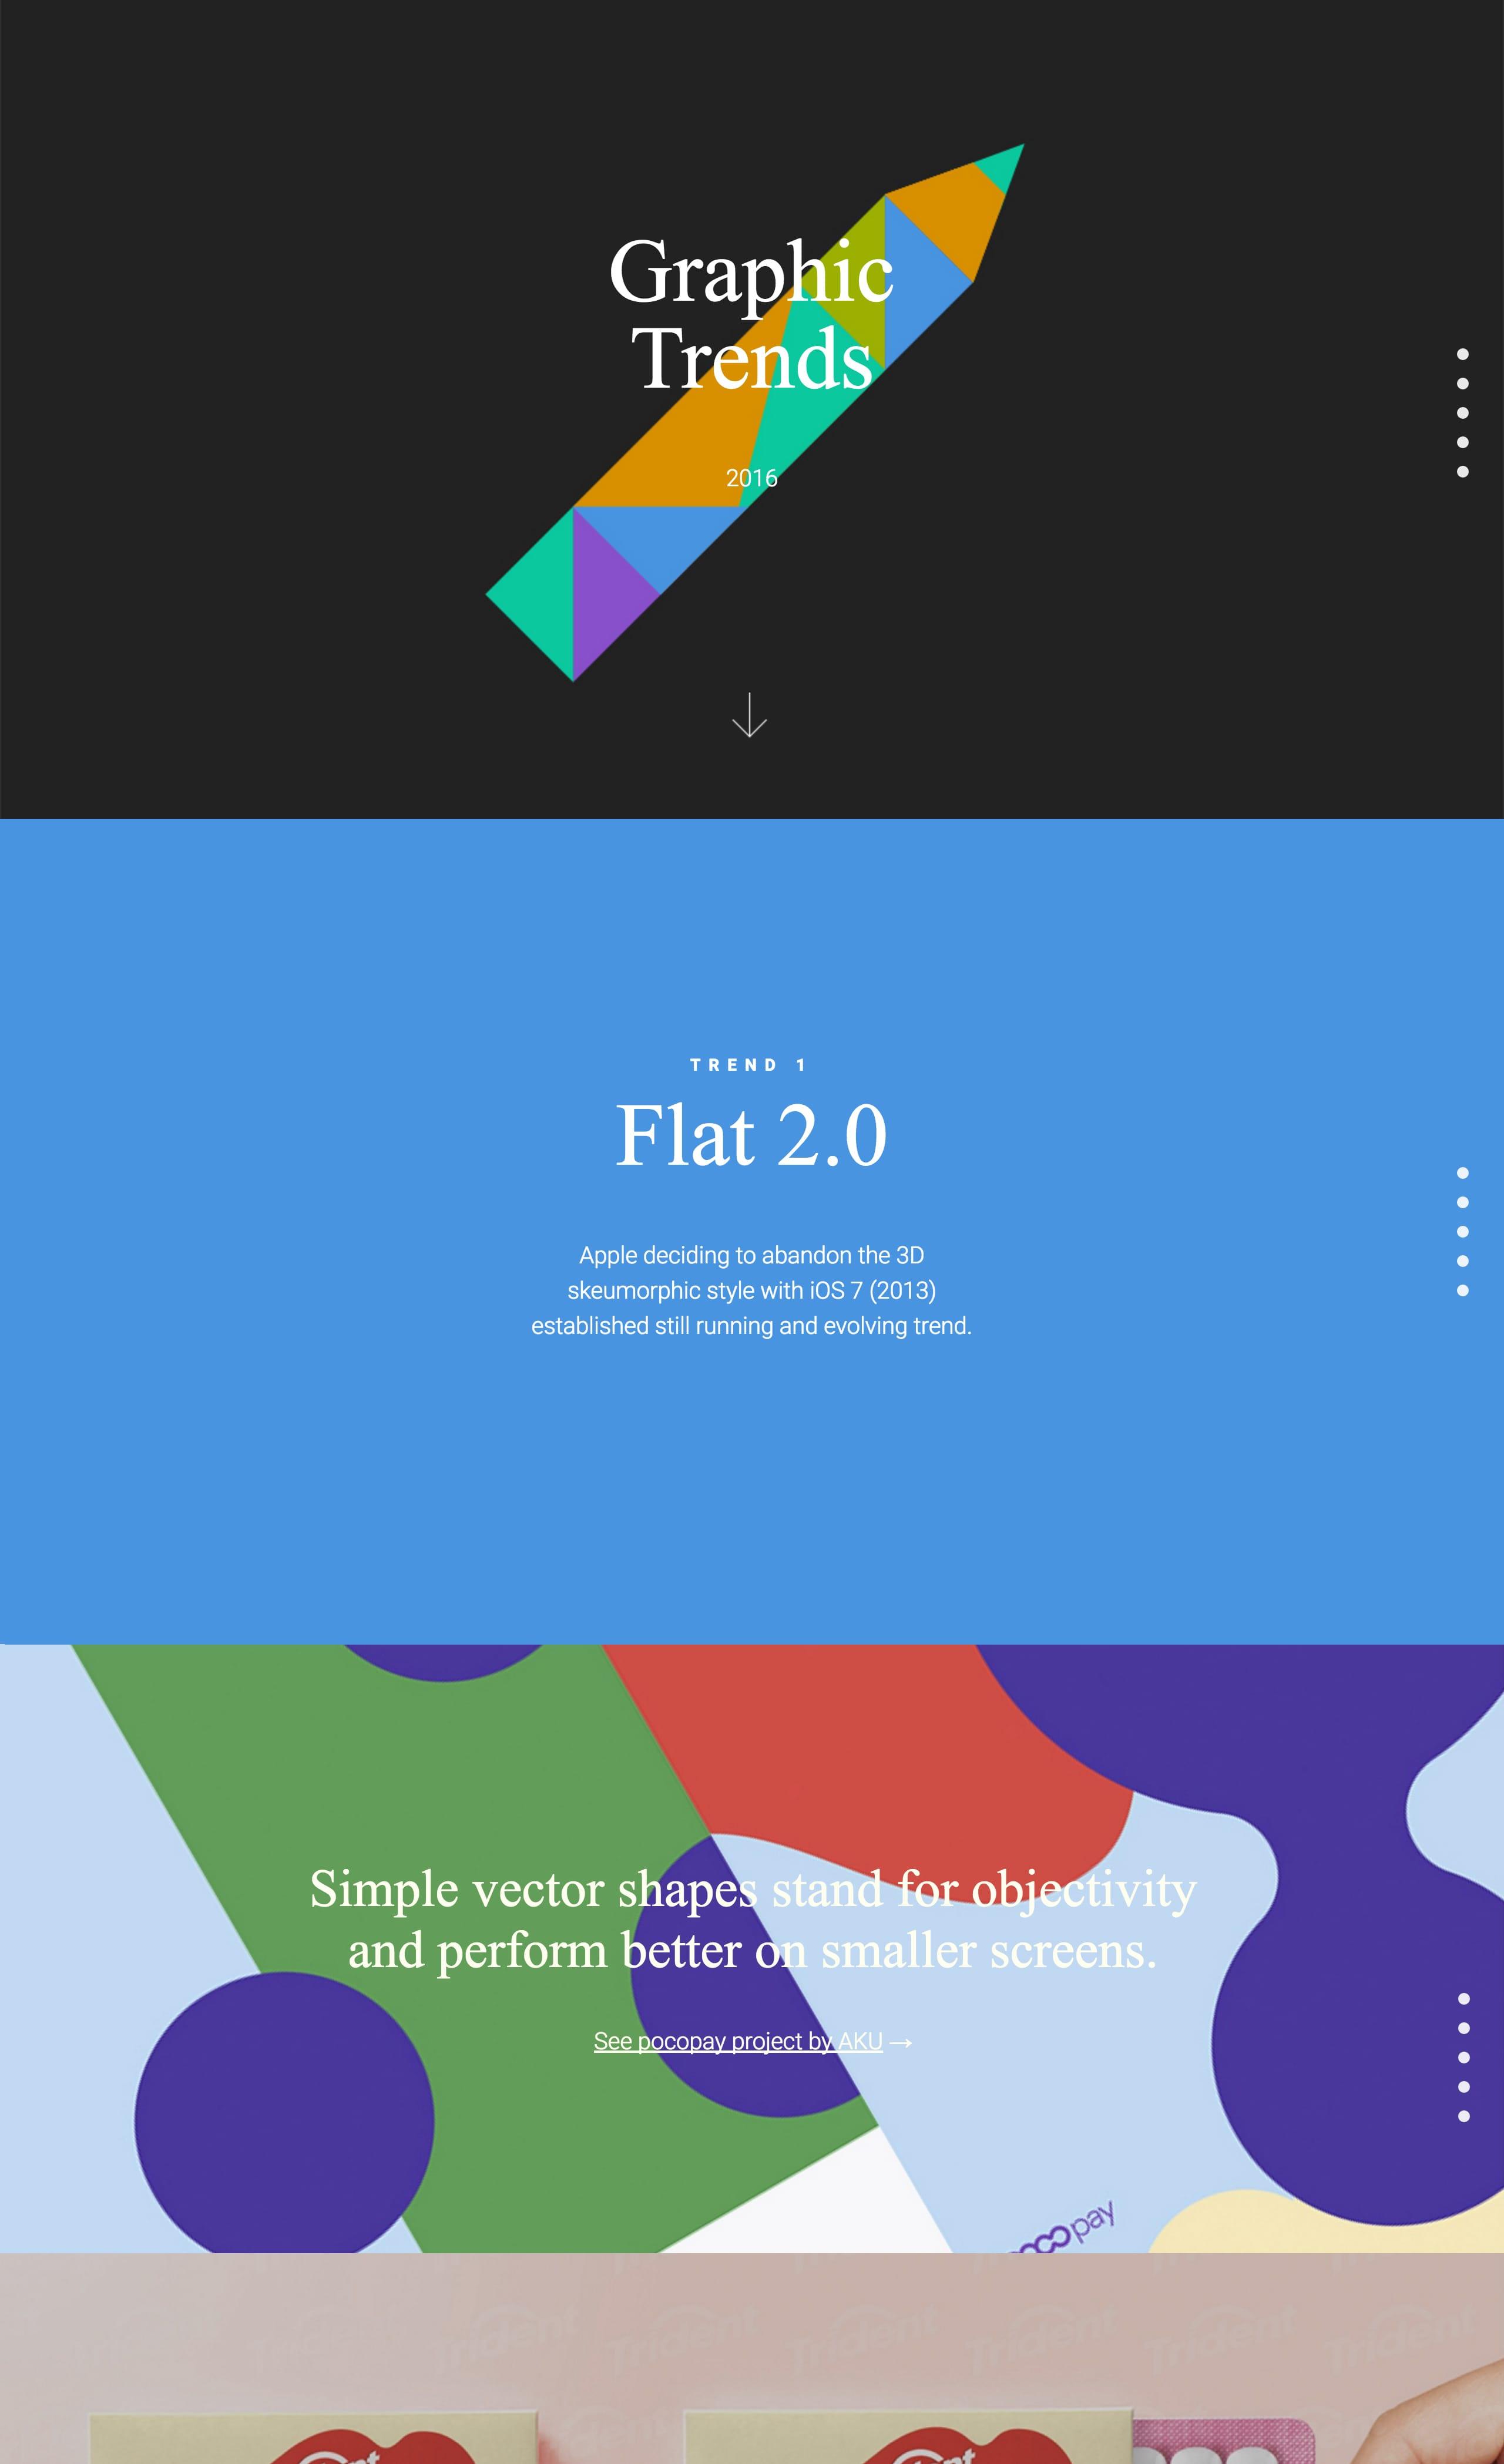 Graphic Trends 2016 Website Screenshot